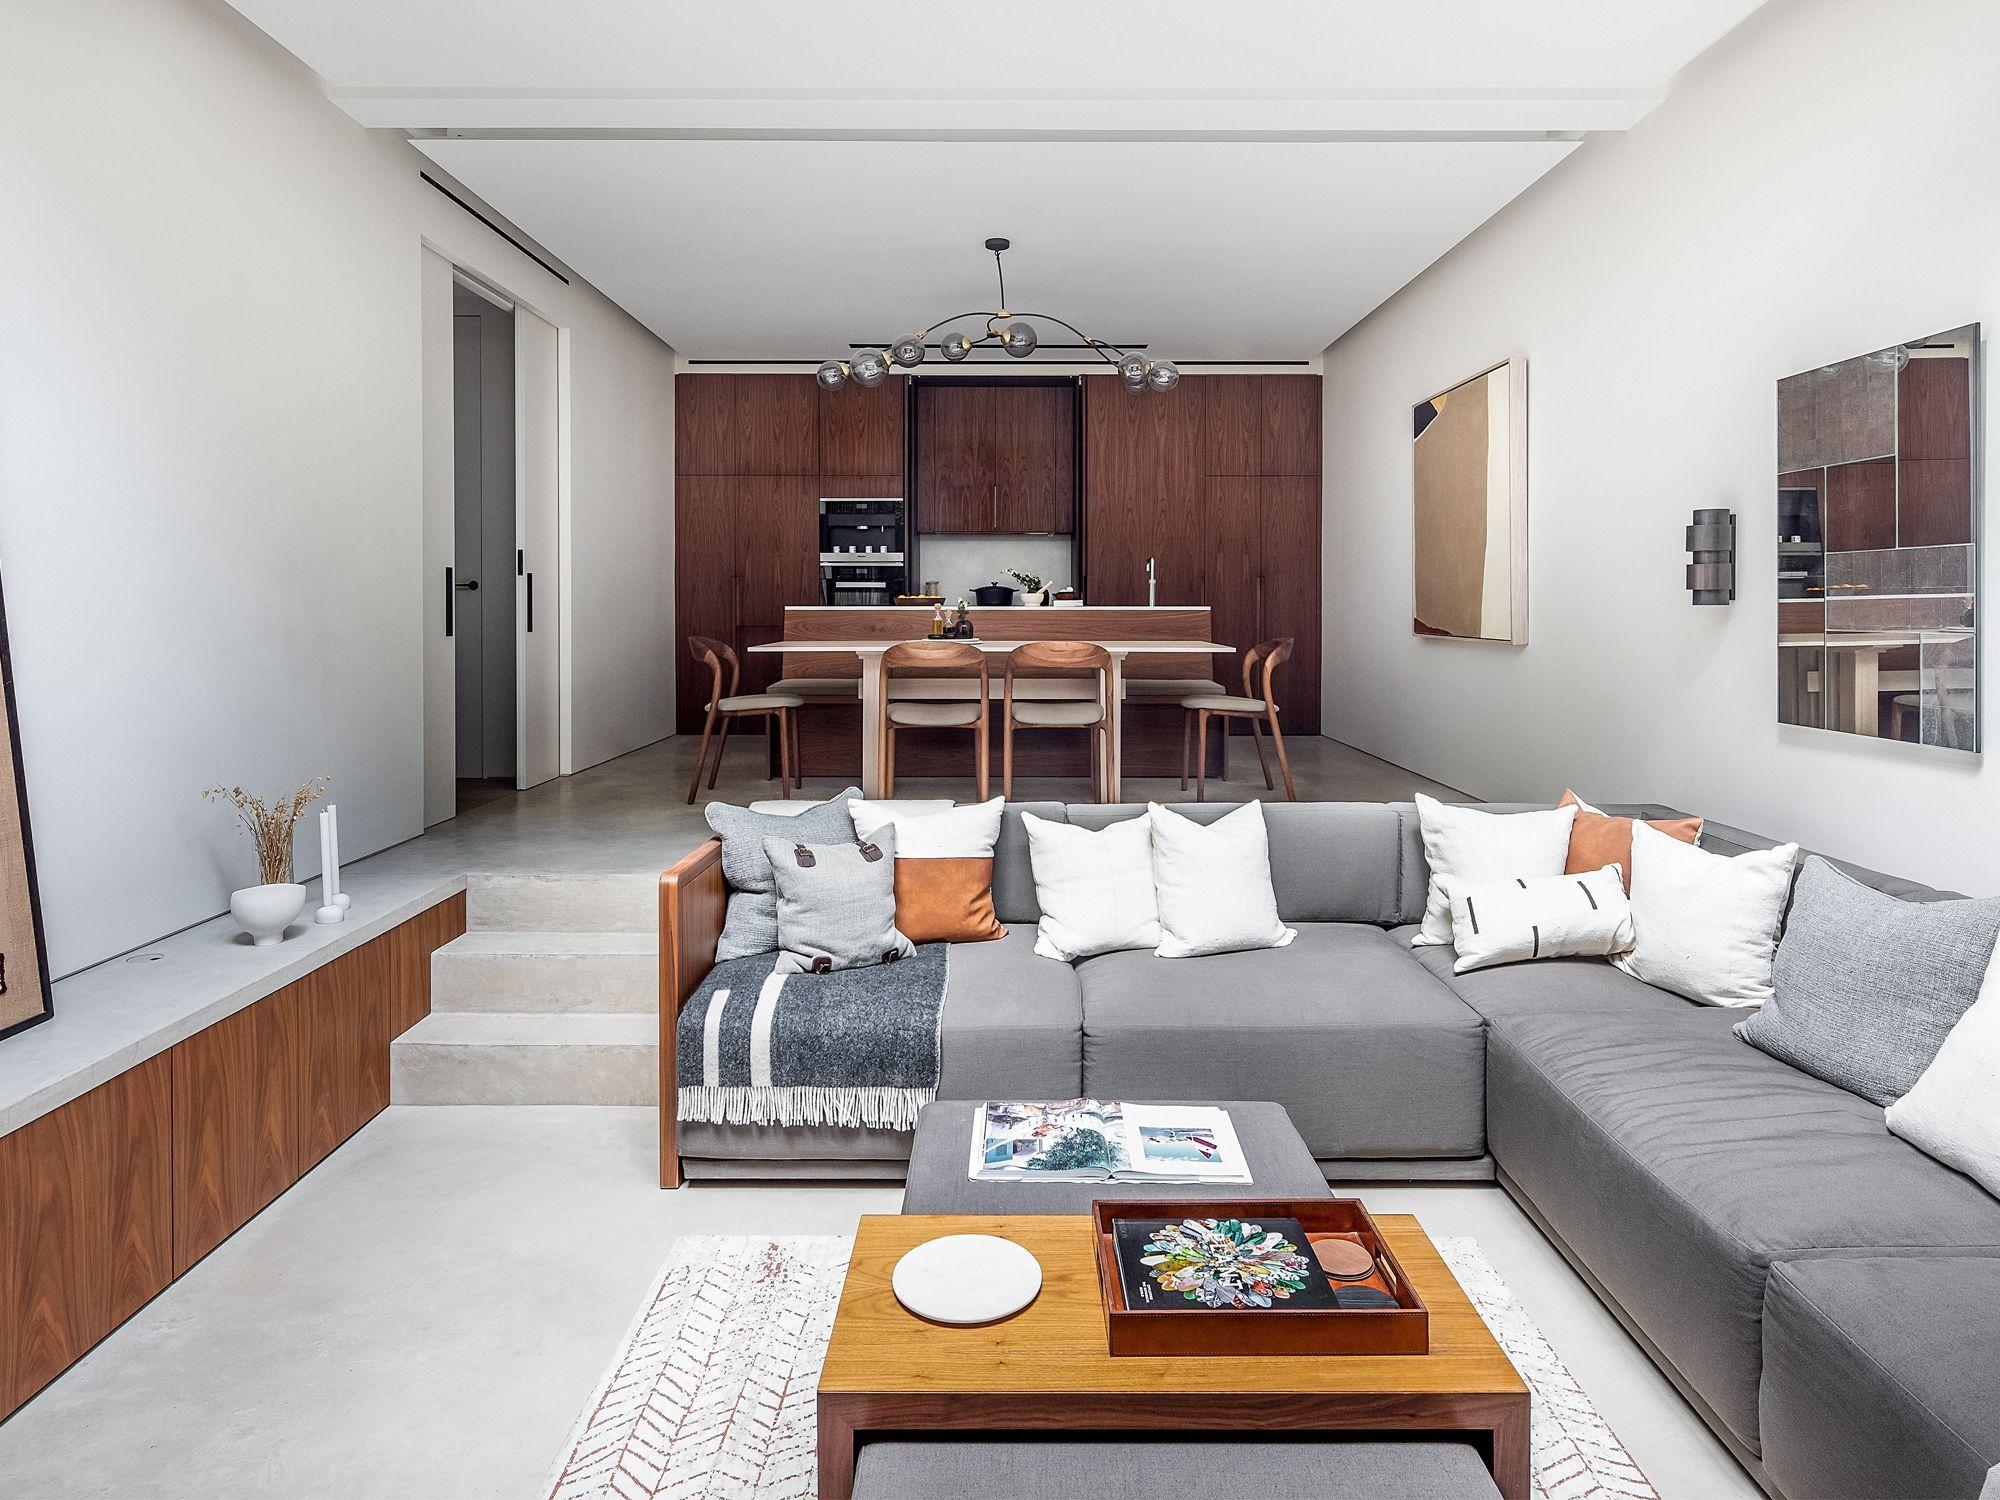 Ein maßgefertigtes Ecksofa steht im Mittelpunkt dieses abgesenkten Wohnzimmers und unterstreicht die Trennung der verschiedenen Zonen weiter Fotografie: Taran Wilkhu